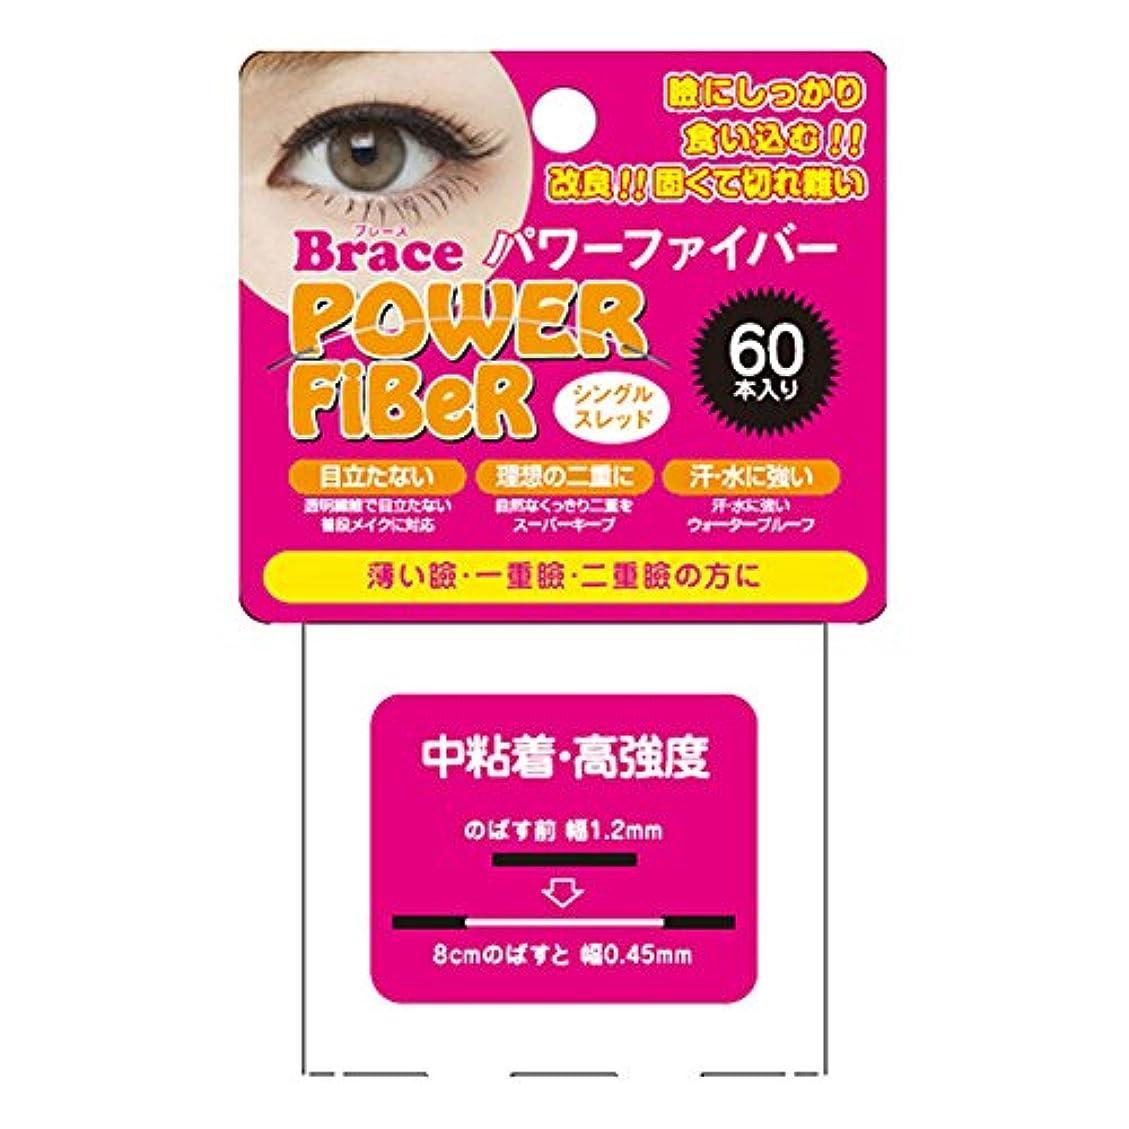 消去手足泣くBrace ブレース パワーファイバー シングルスレッド クリア 1.2mm 60本入 (眼瞼下垂防止用テープ)